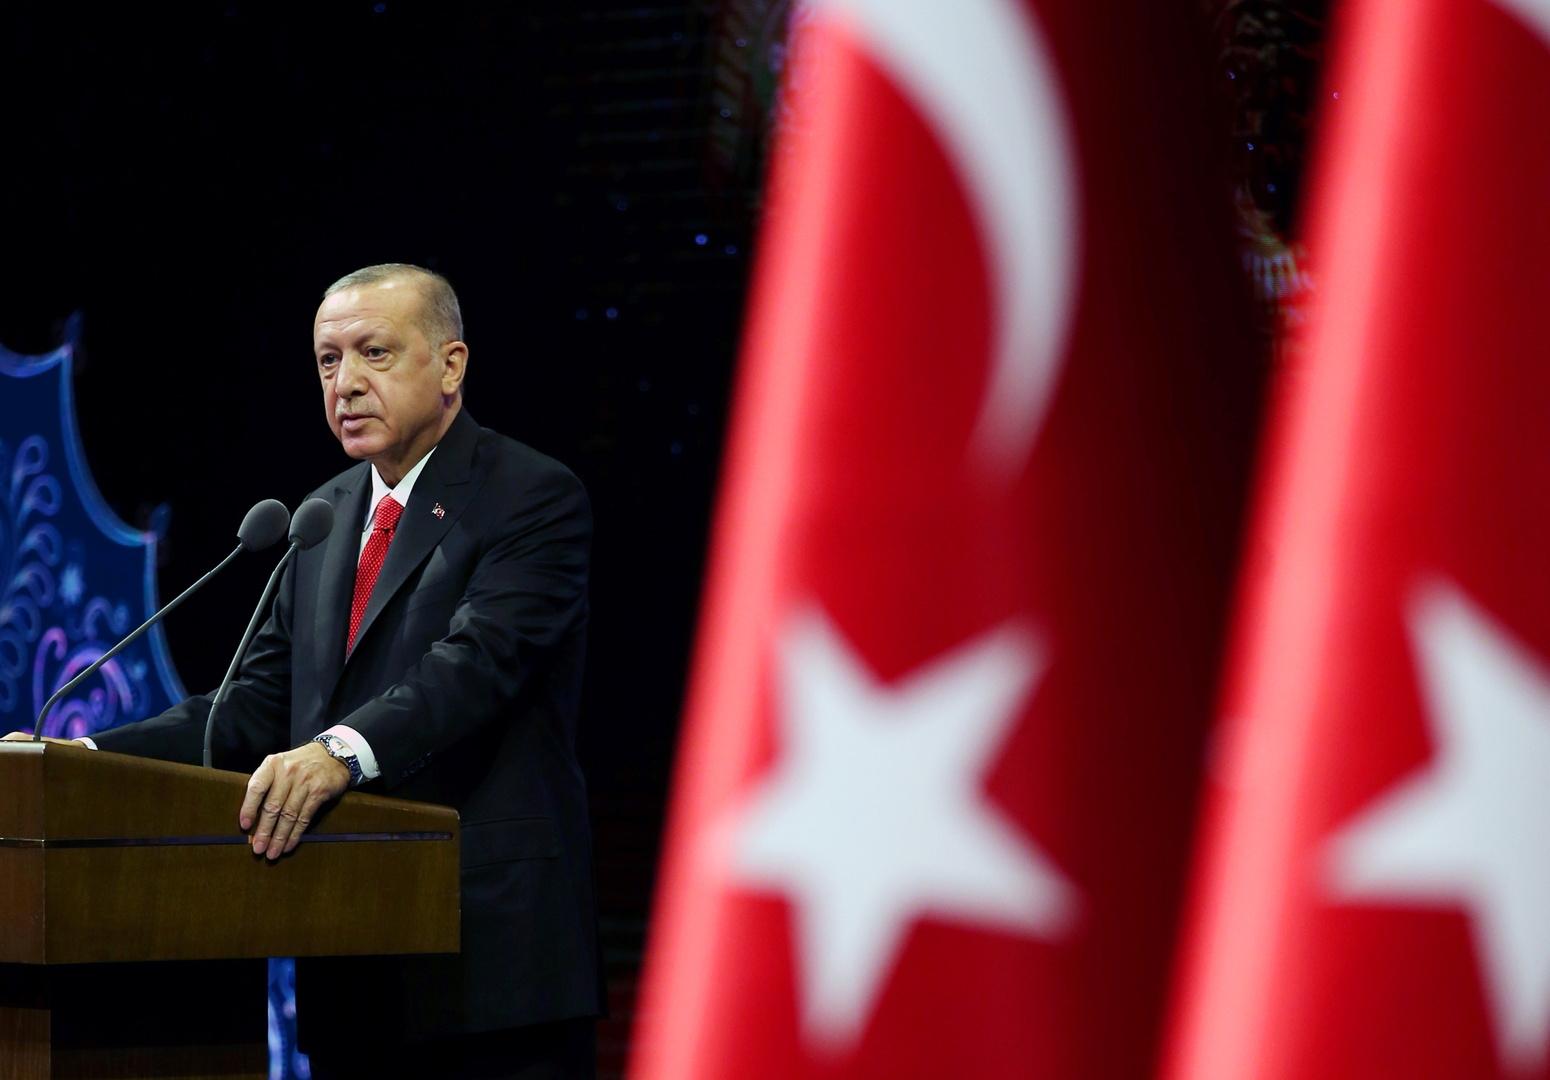 أردوغان: لا نحتاج إلى أذن من أحد لمحاربة الإرهاب في المنطقة